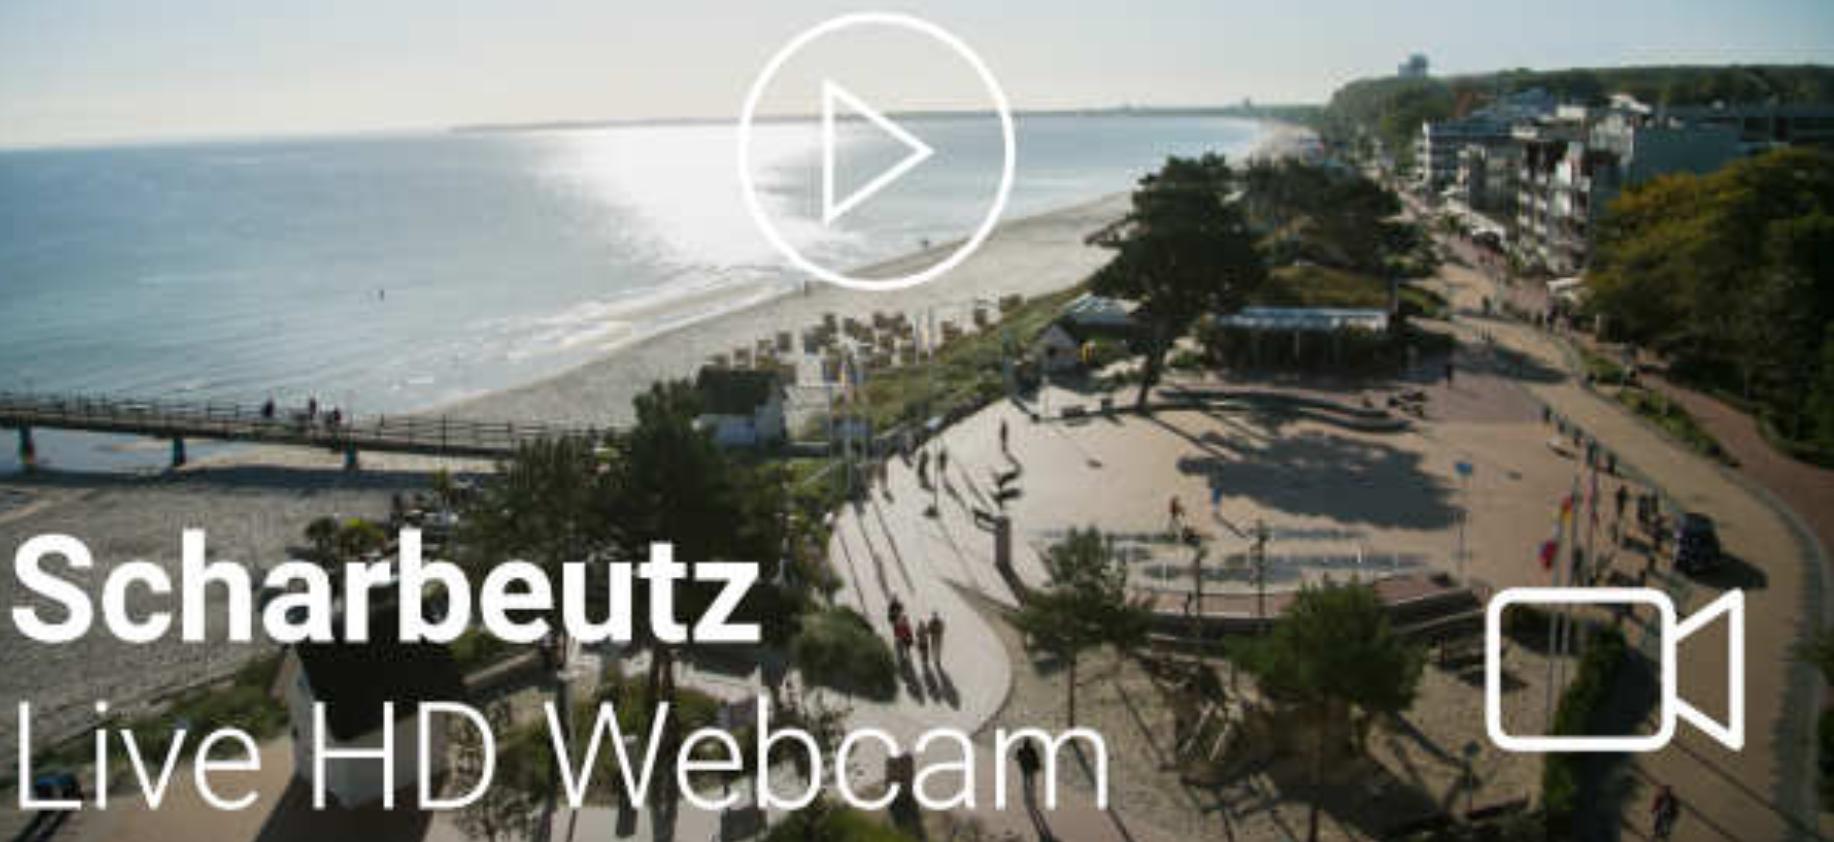 Webcam scharbeutz